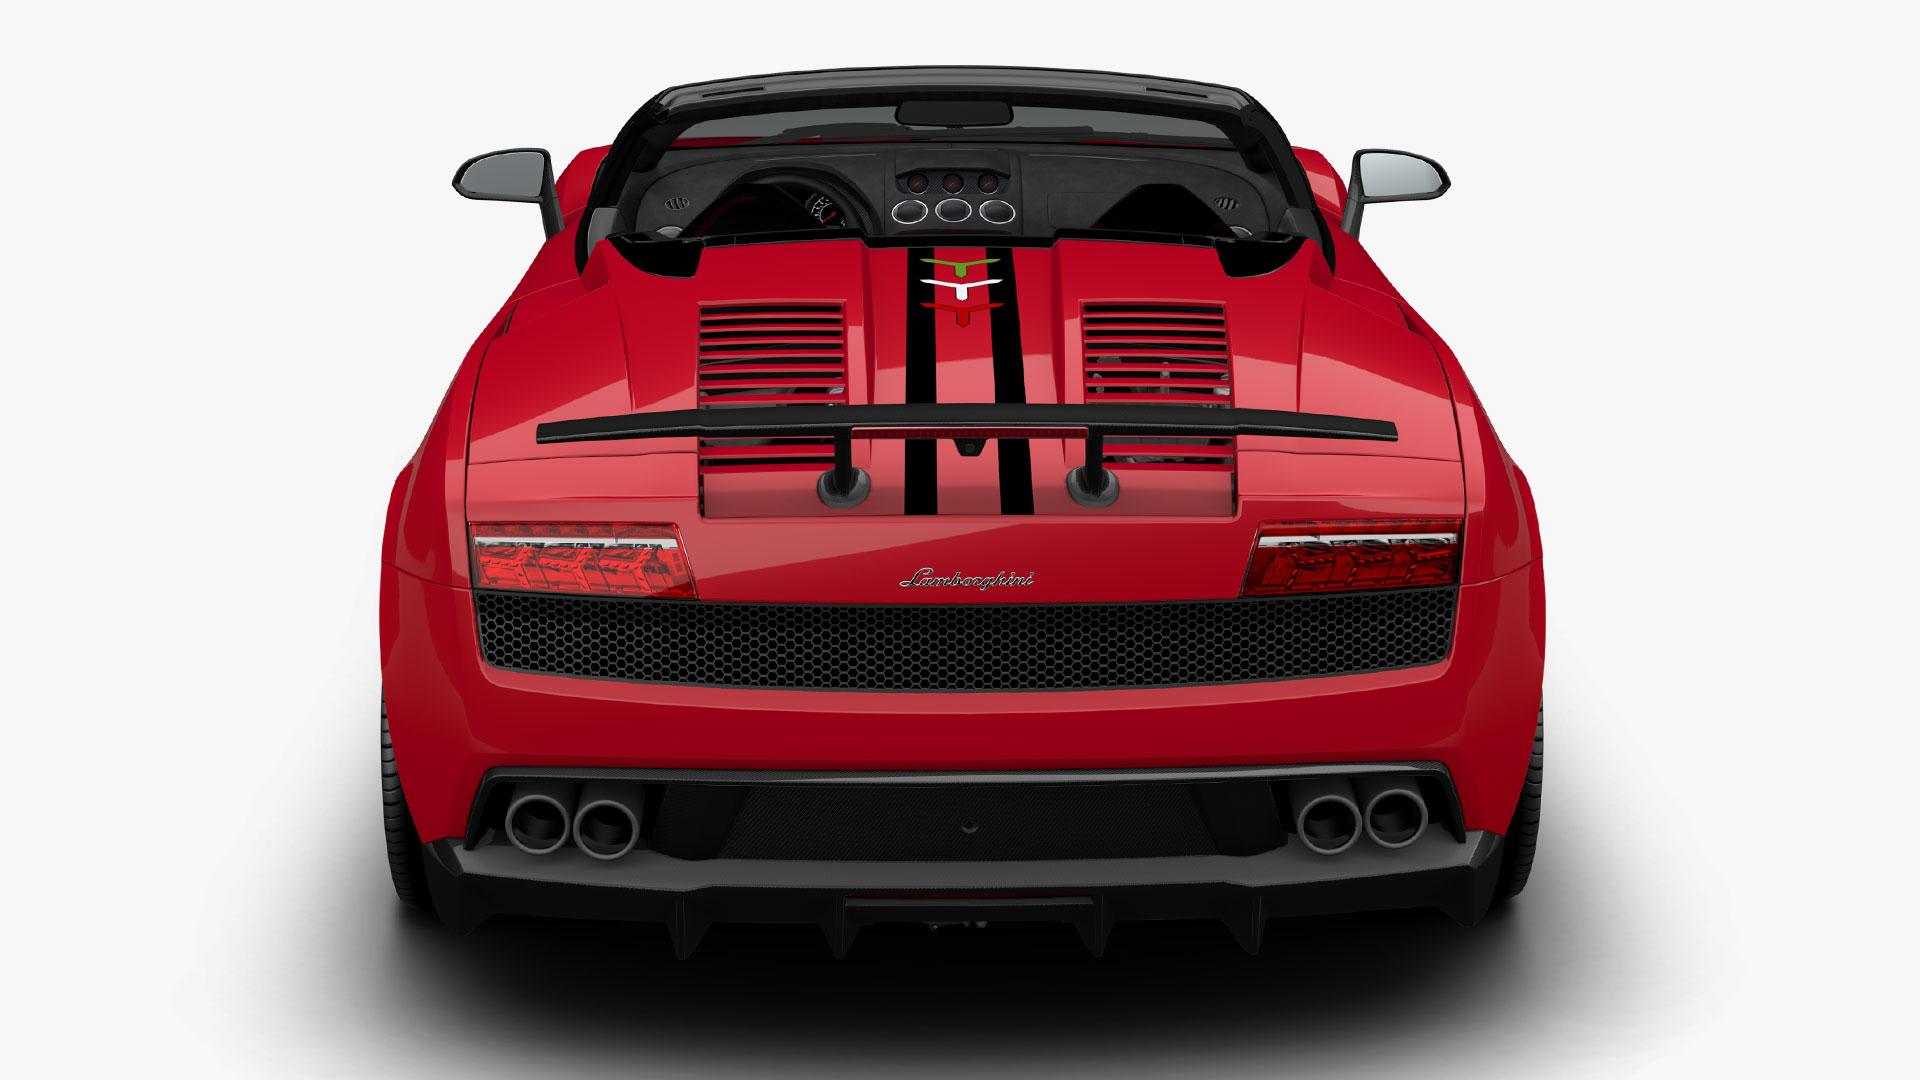 2014 lamborghini gallardo lp 570 4 performante edizione tecnica conceptcarzcom